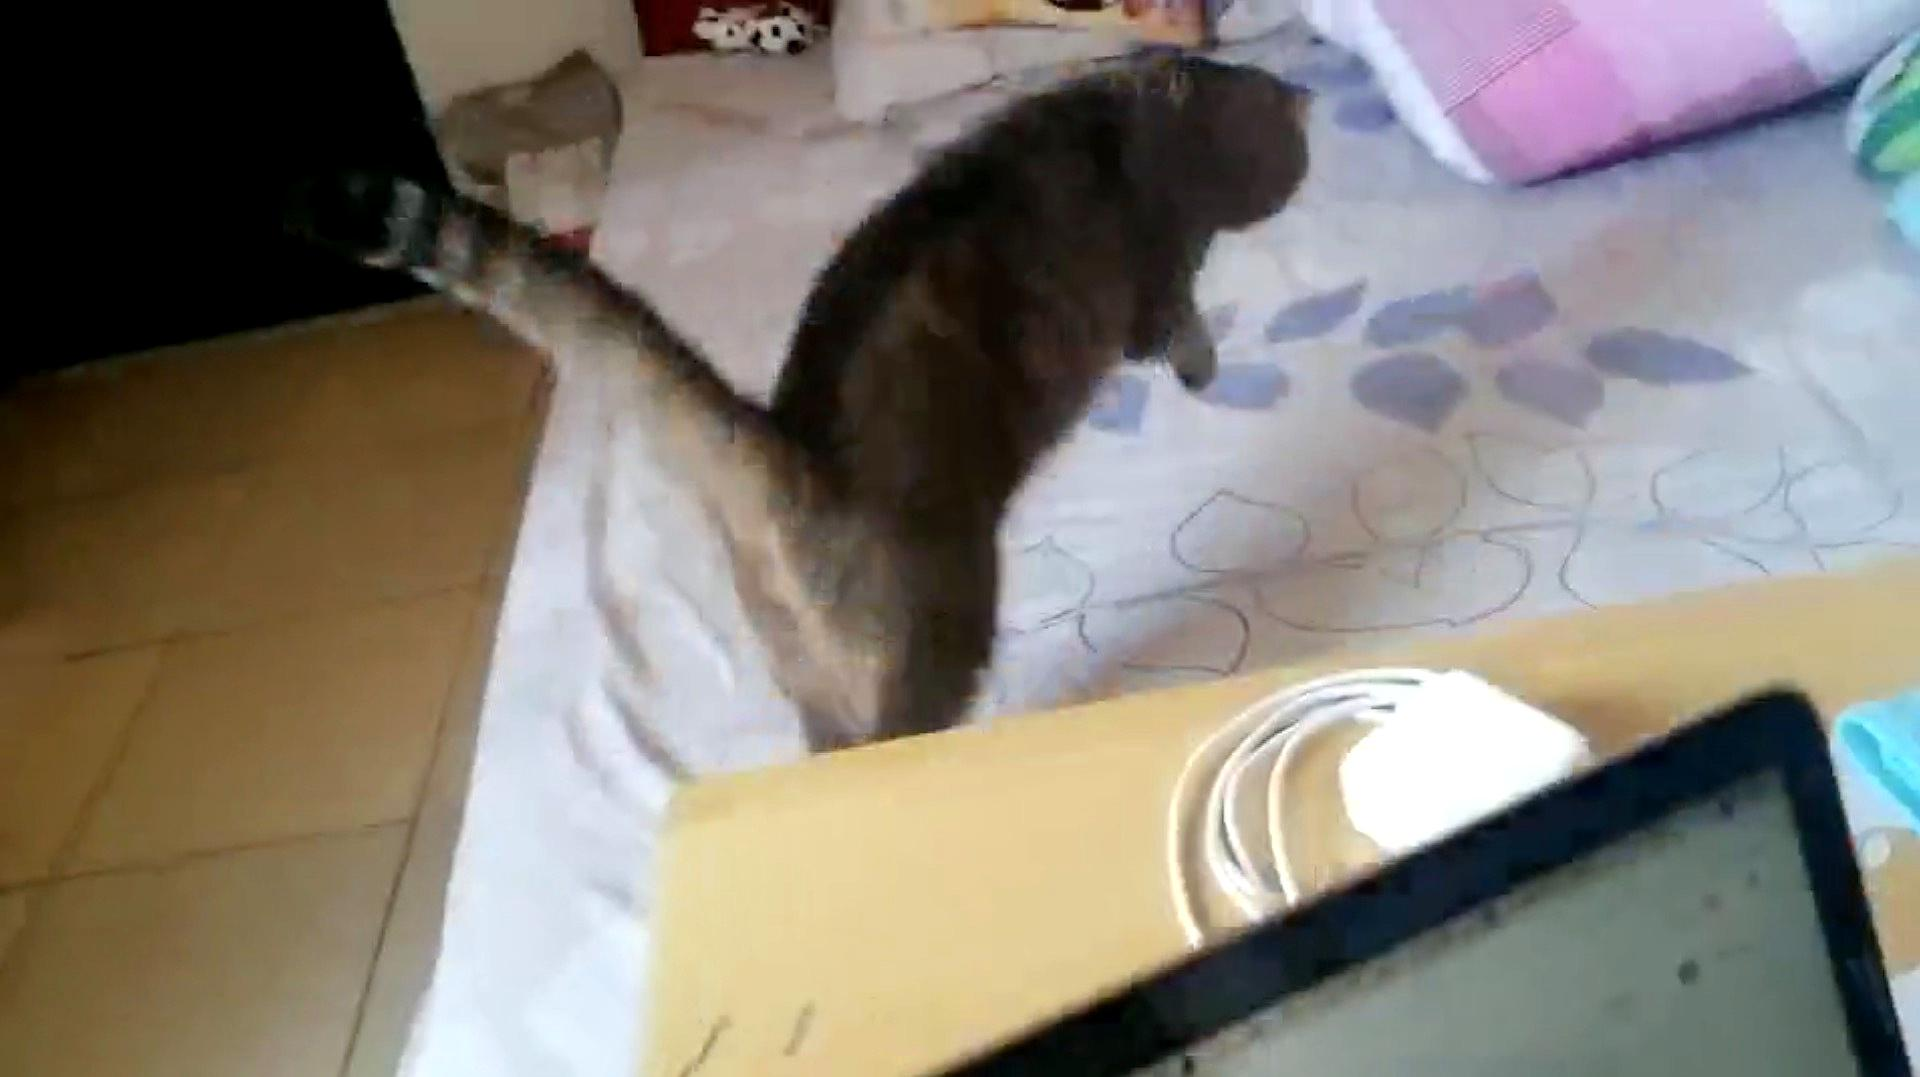 """主人在床上布置胶带陷阱,猫咪跳上去之后炸了,就像""""车祸现场"""""""